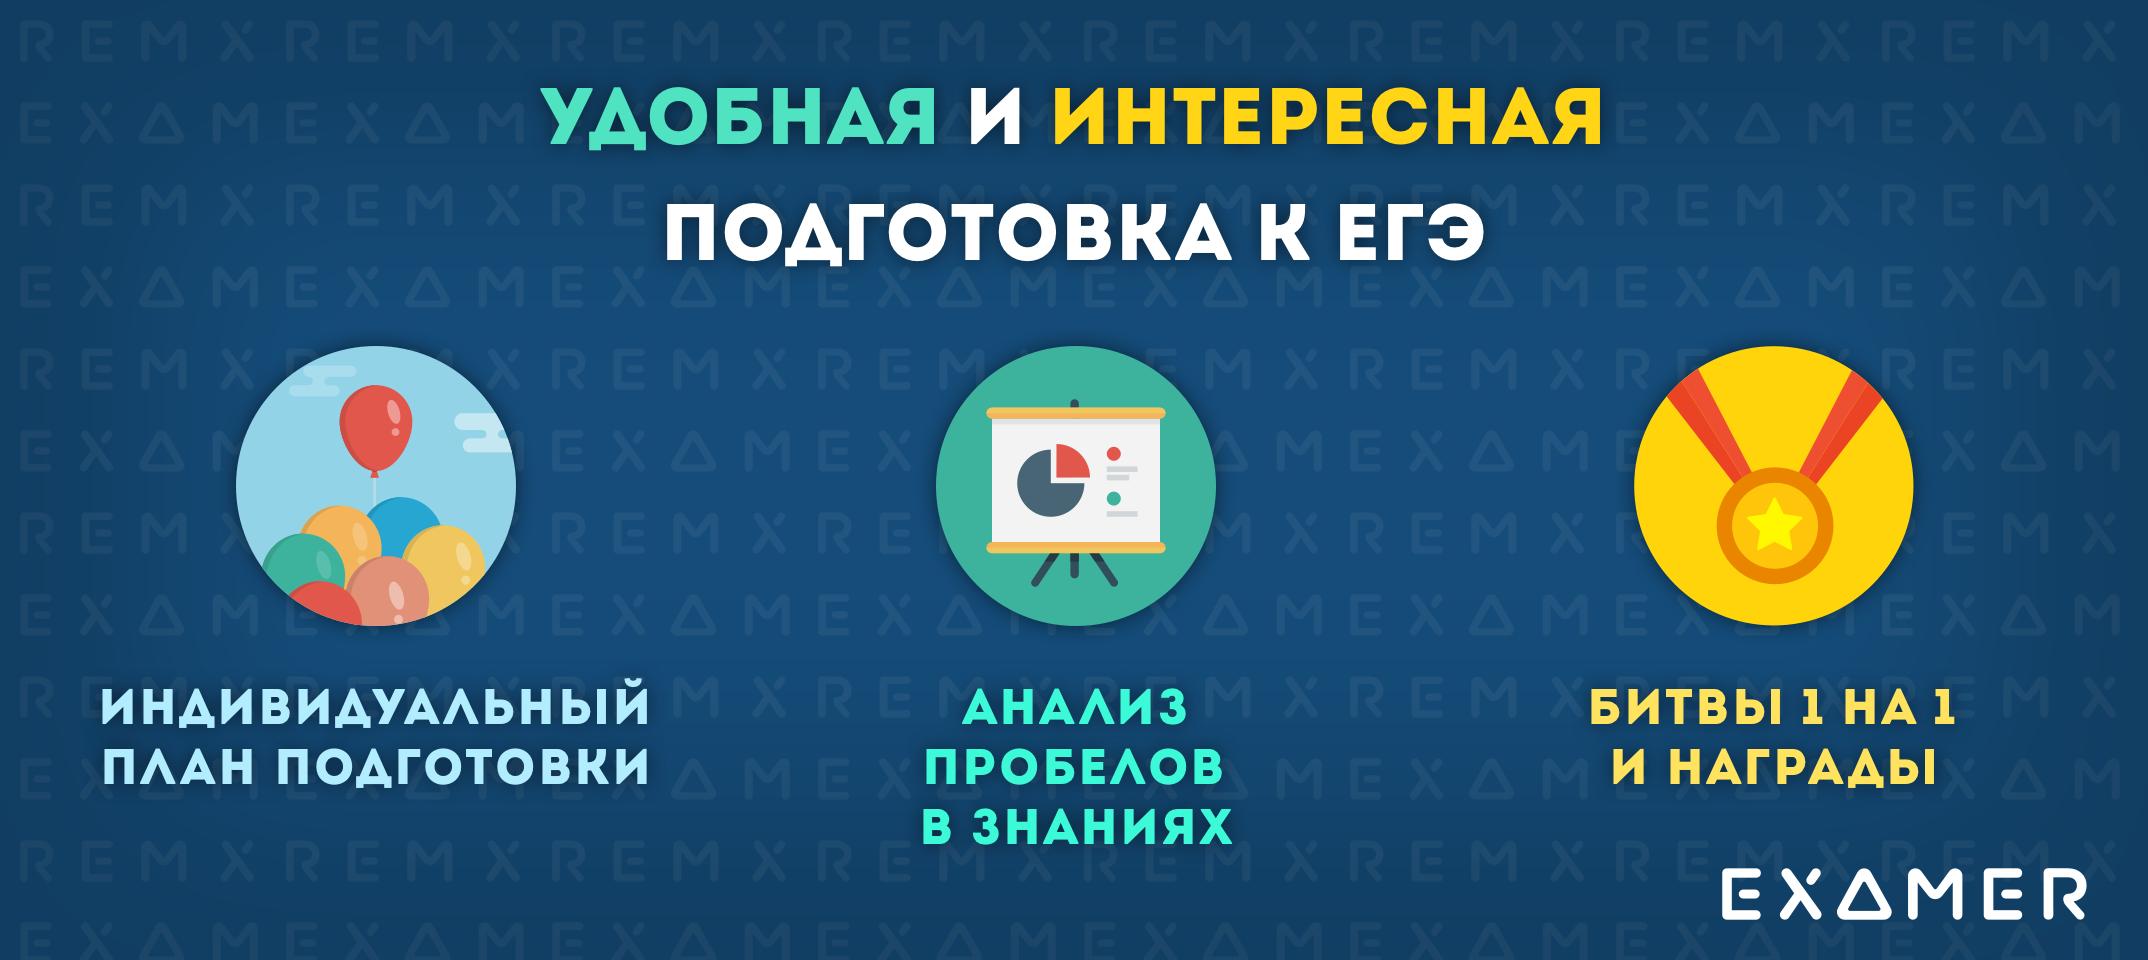 Орфоэпия в русском языке: правила, нормы, примеры